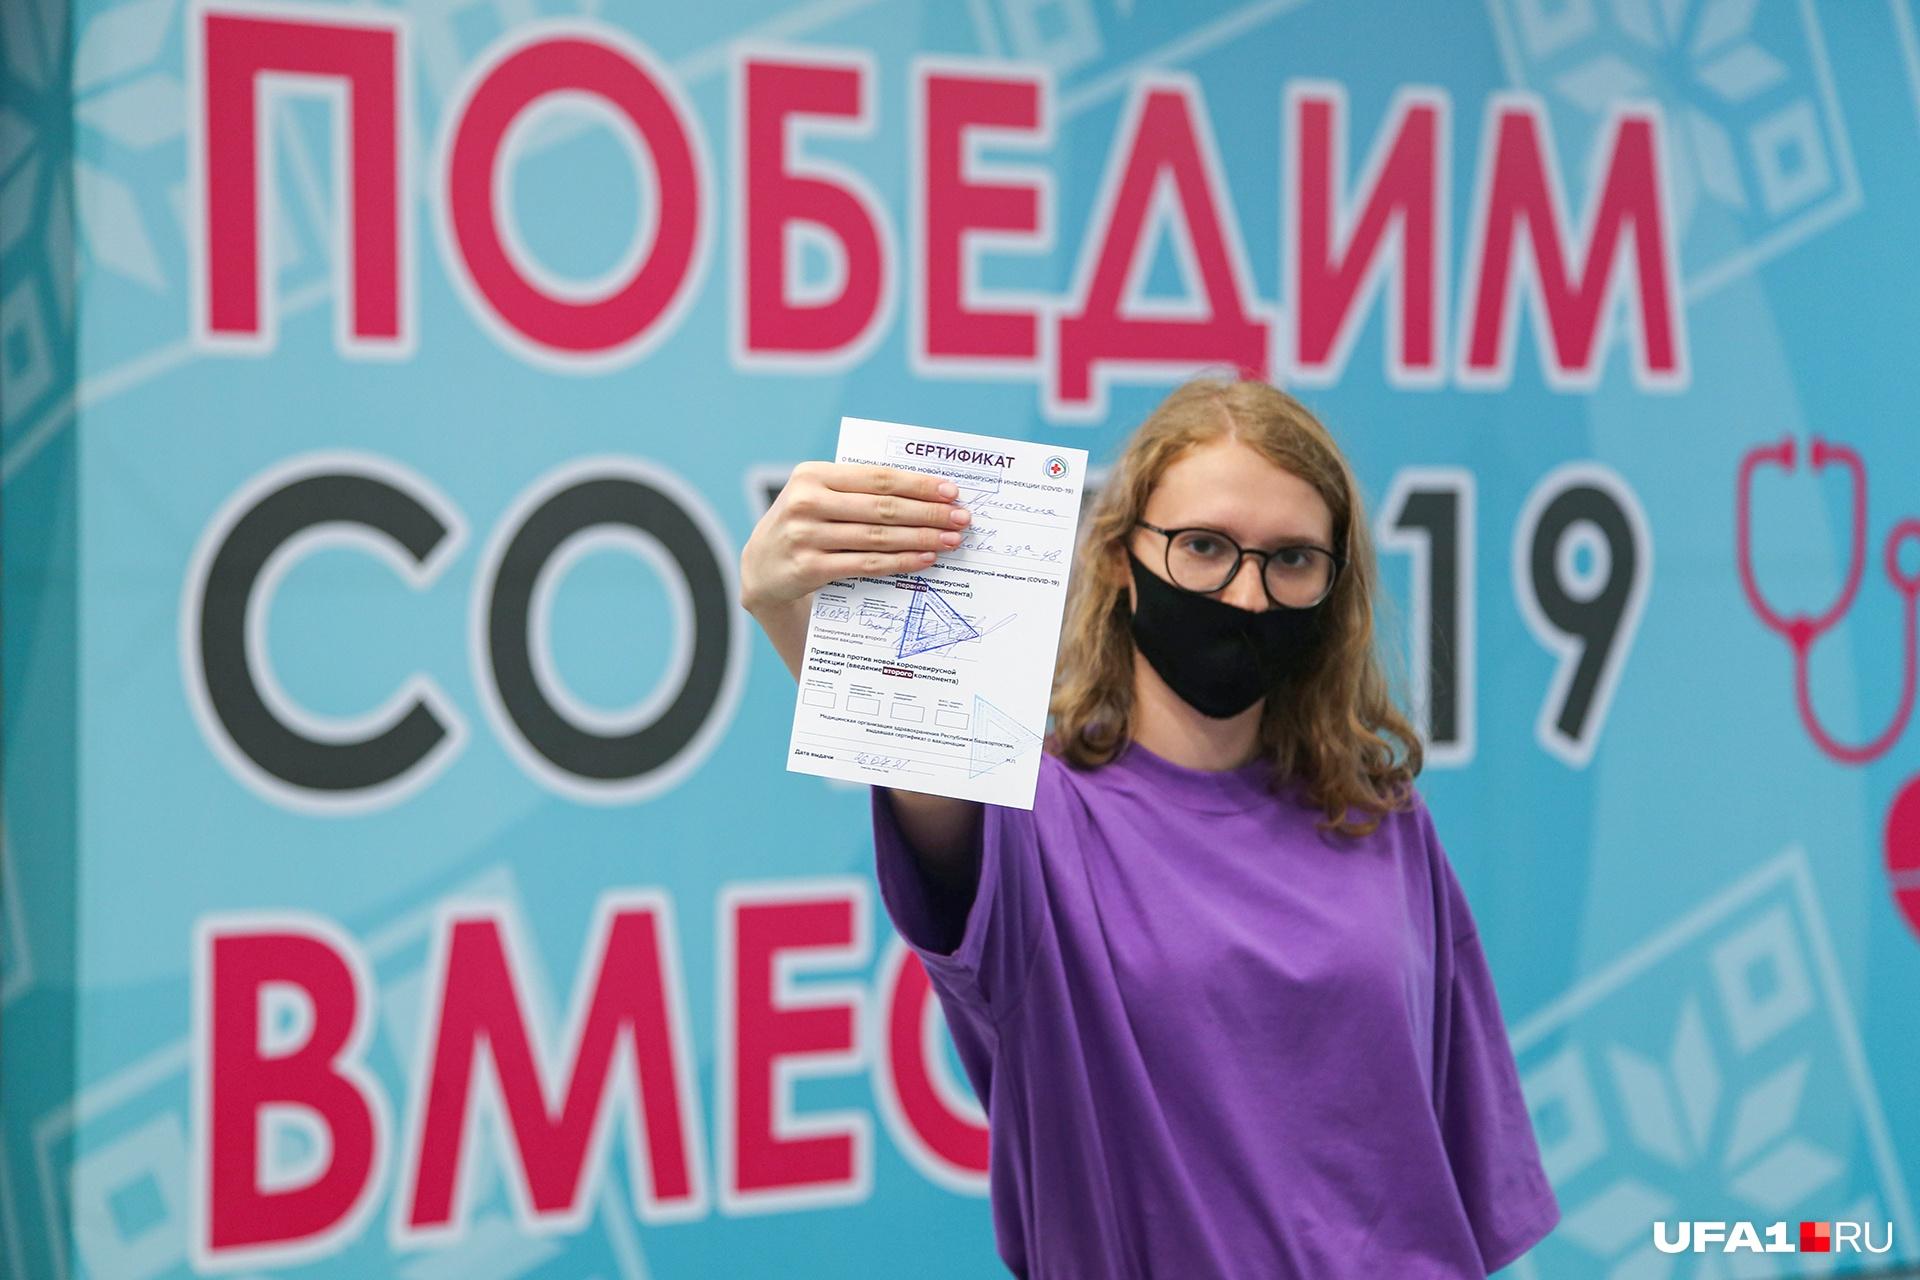 На курорты Краснодарского края лучше ехать с сертификатом о вакцинации, в противном случае придется искать прививочный пункт по приезде